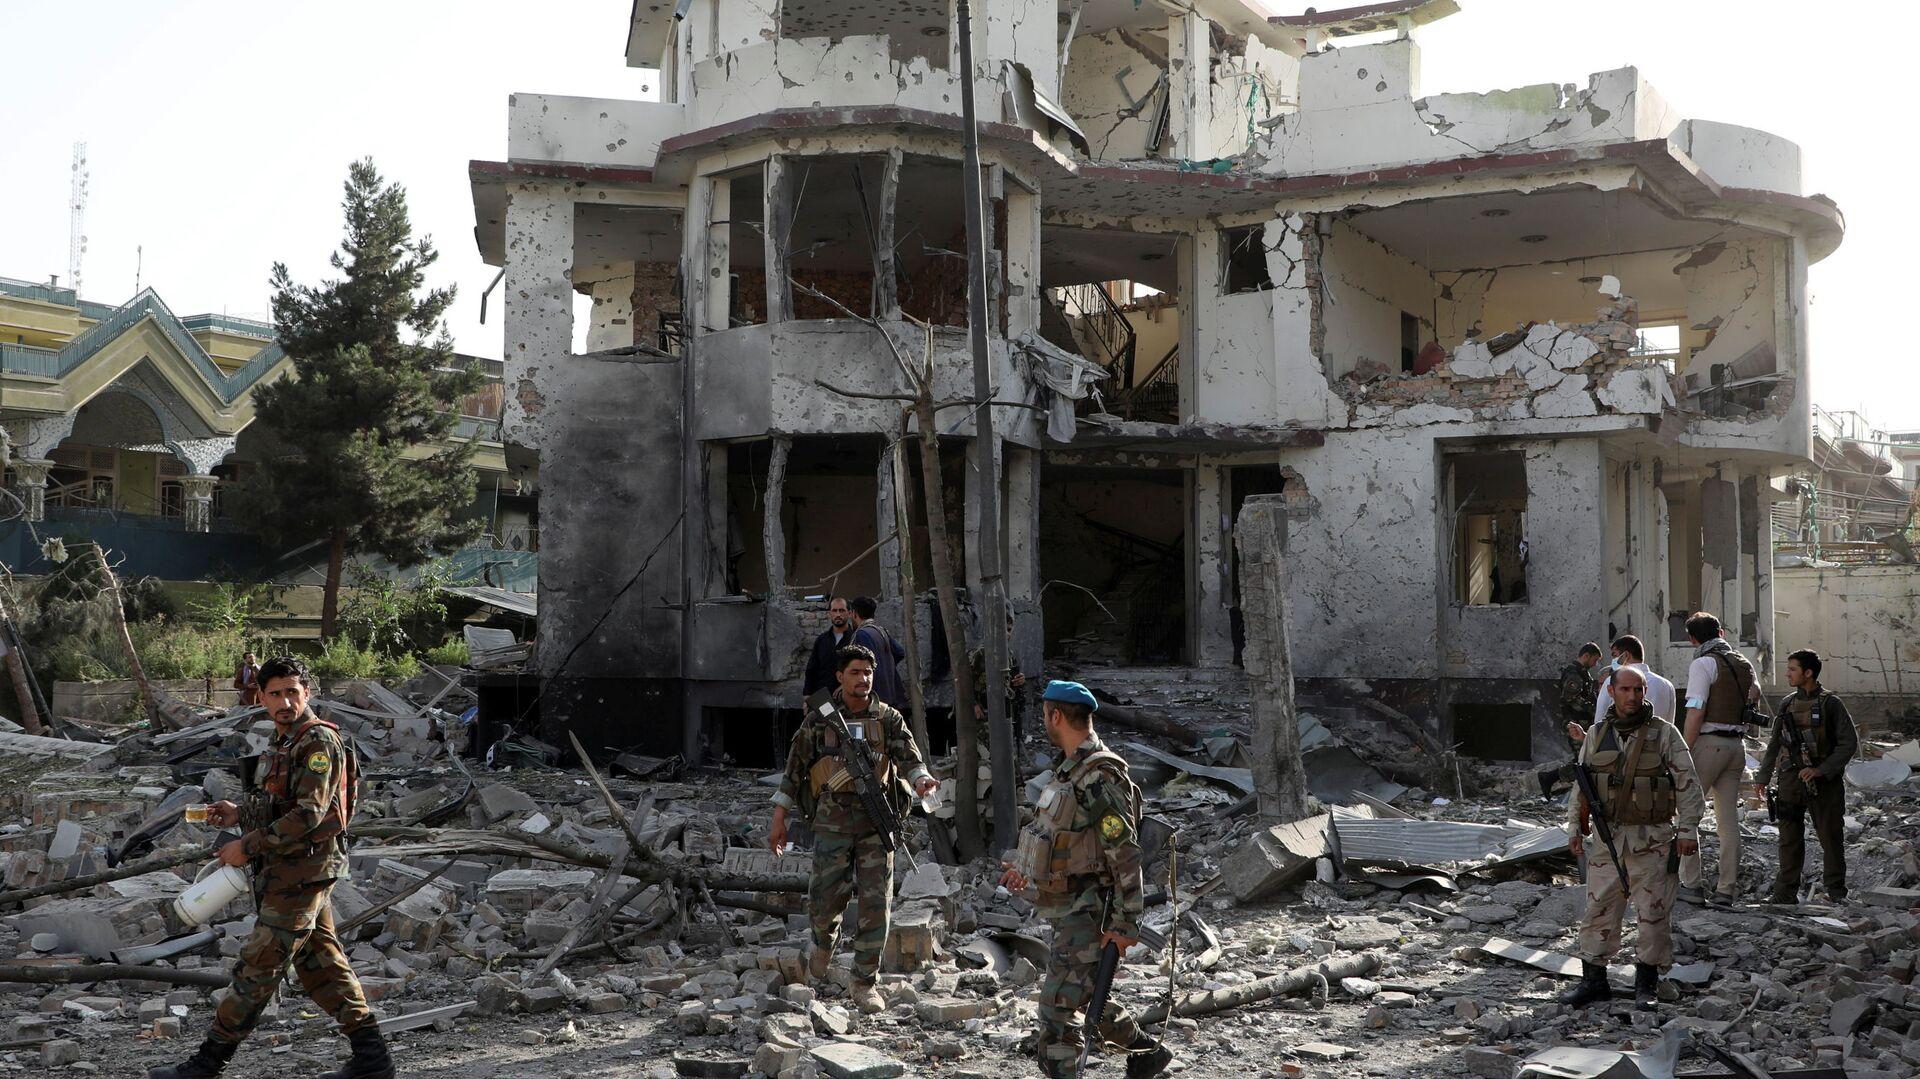 Kabil'de bomba yüklü araçla saldırı: Savunma Bakanı Mohammadi'nin evi hedef alındı - Sputnik Türkiye, 1920, 04.08.2021